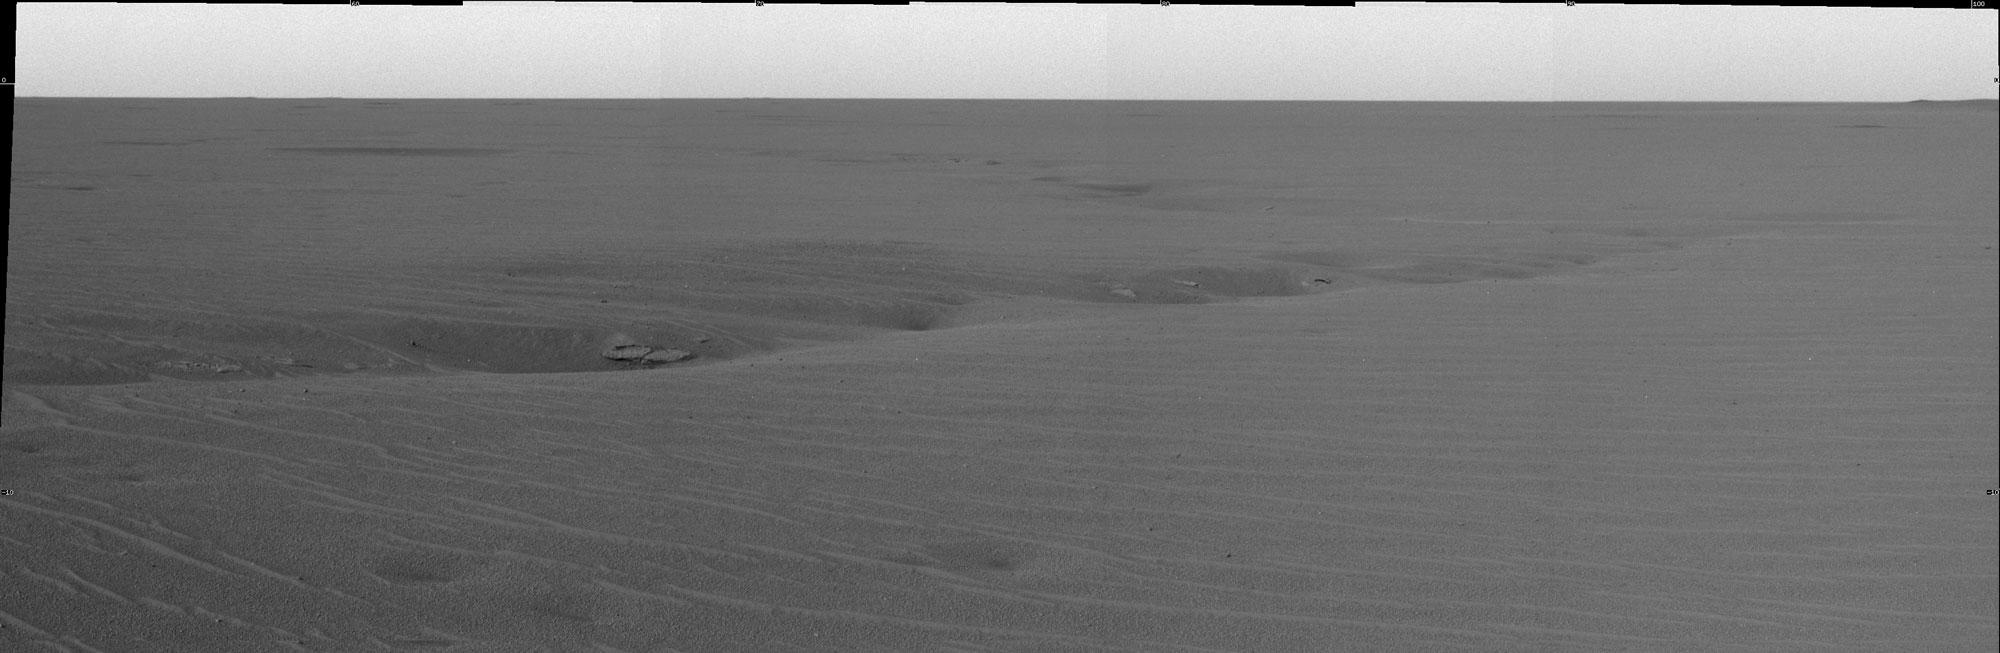 Alignement de dépressions observées par Opportunity dans Meridiani Planum